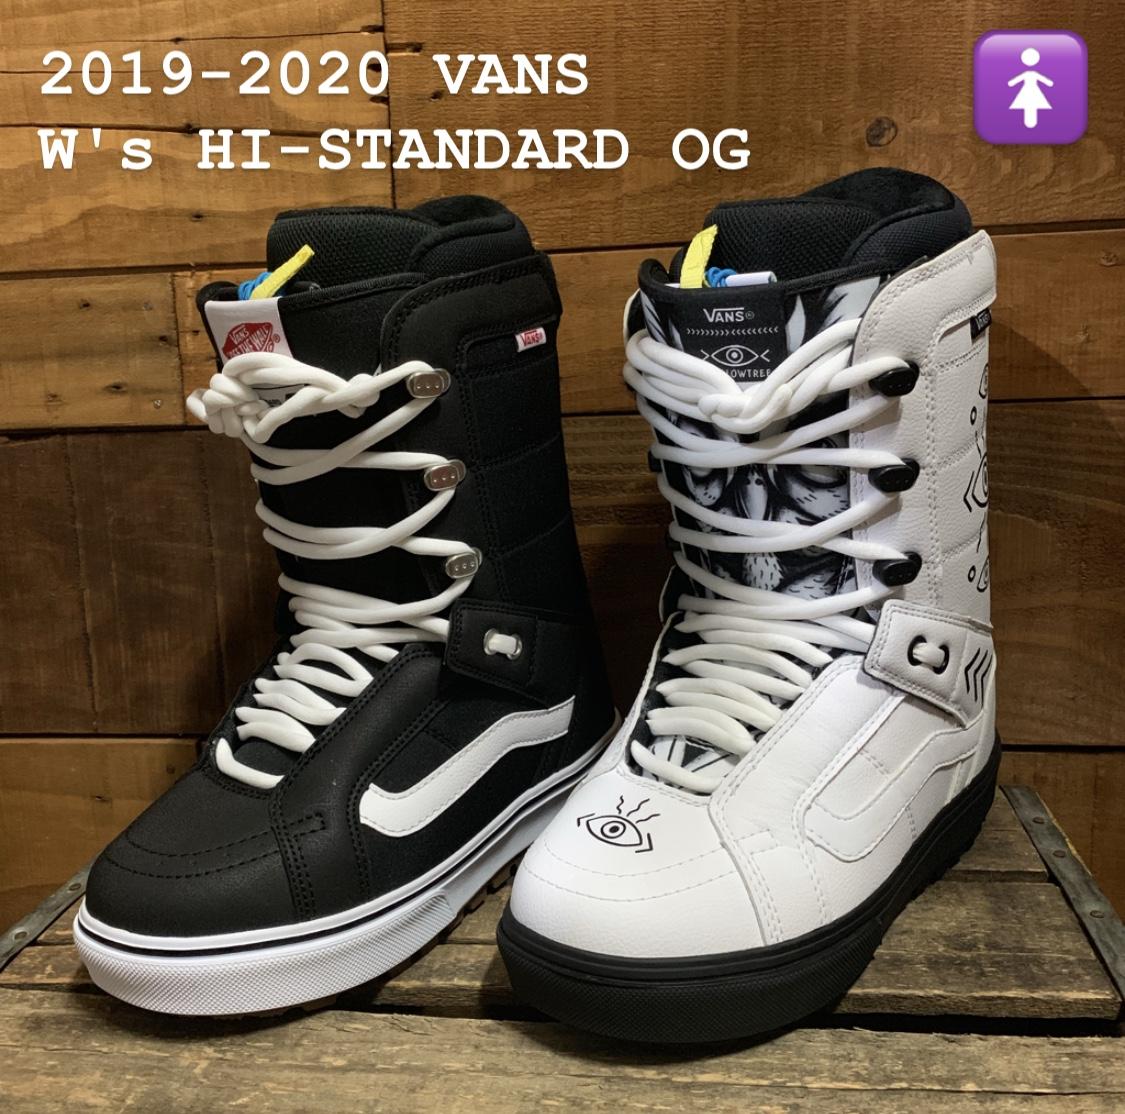 VANS_商品04_シューズ_HI-STANDARD OG(WOMEN'S)_01